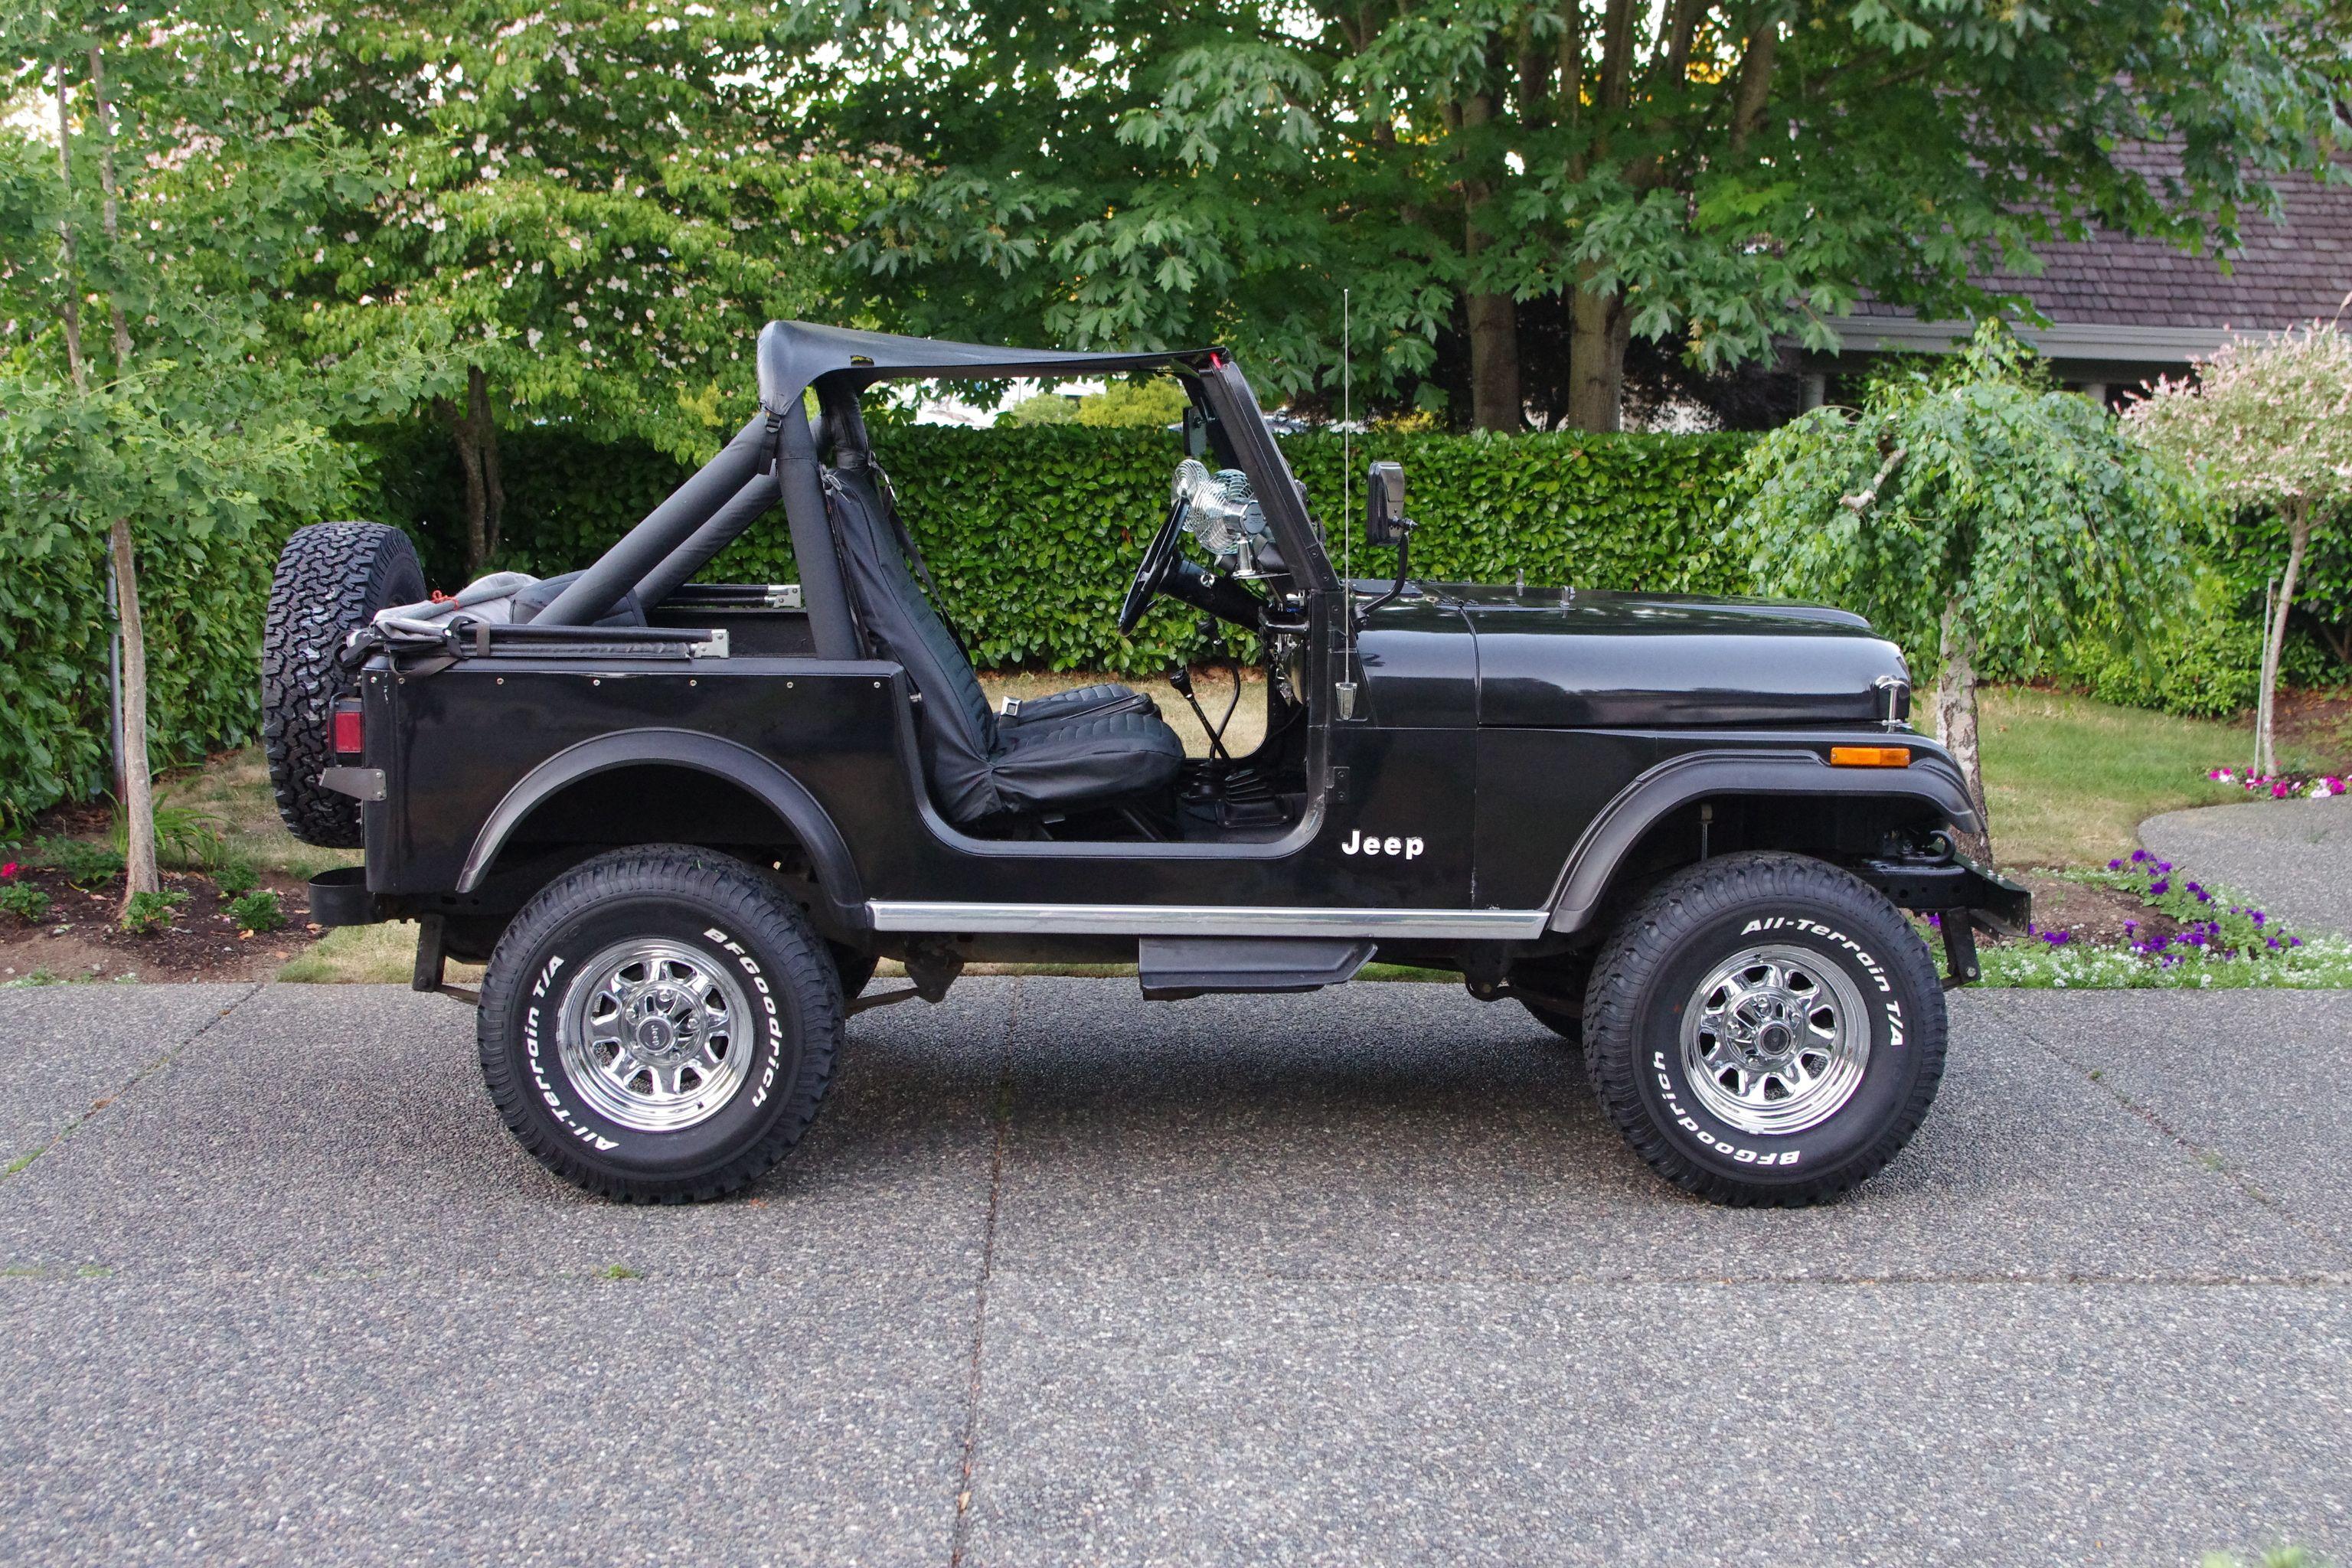 New Tires Old Wheels 3 Jeep Cj7 Jeep Cj5 Jeep Cj